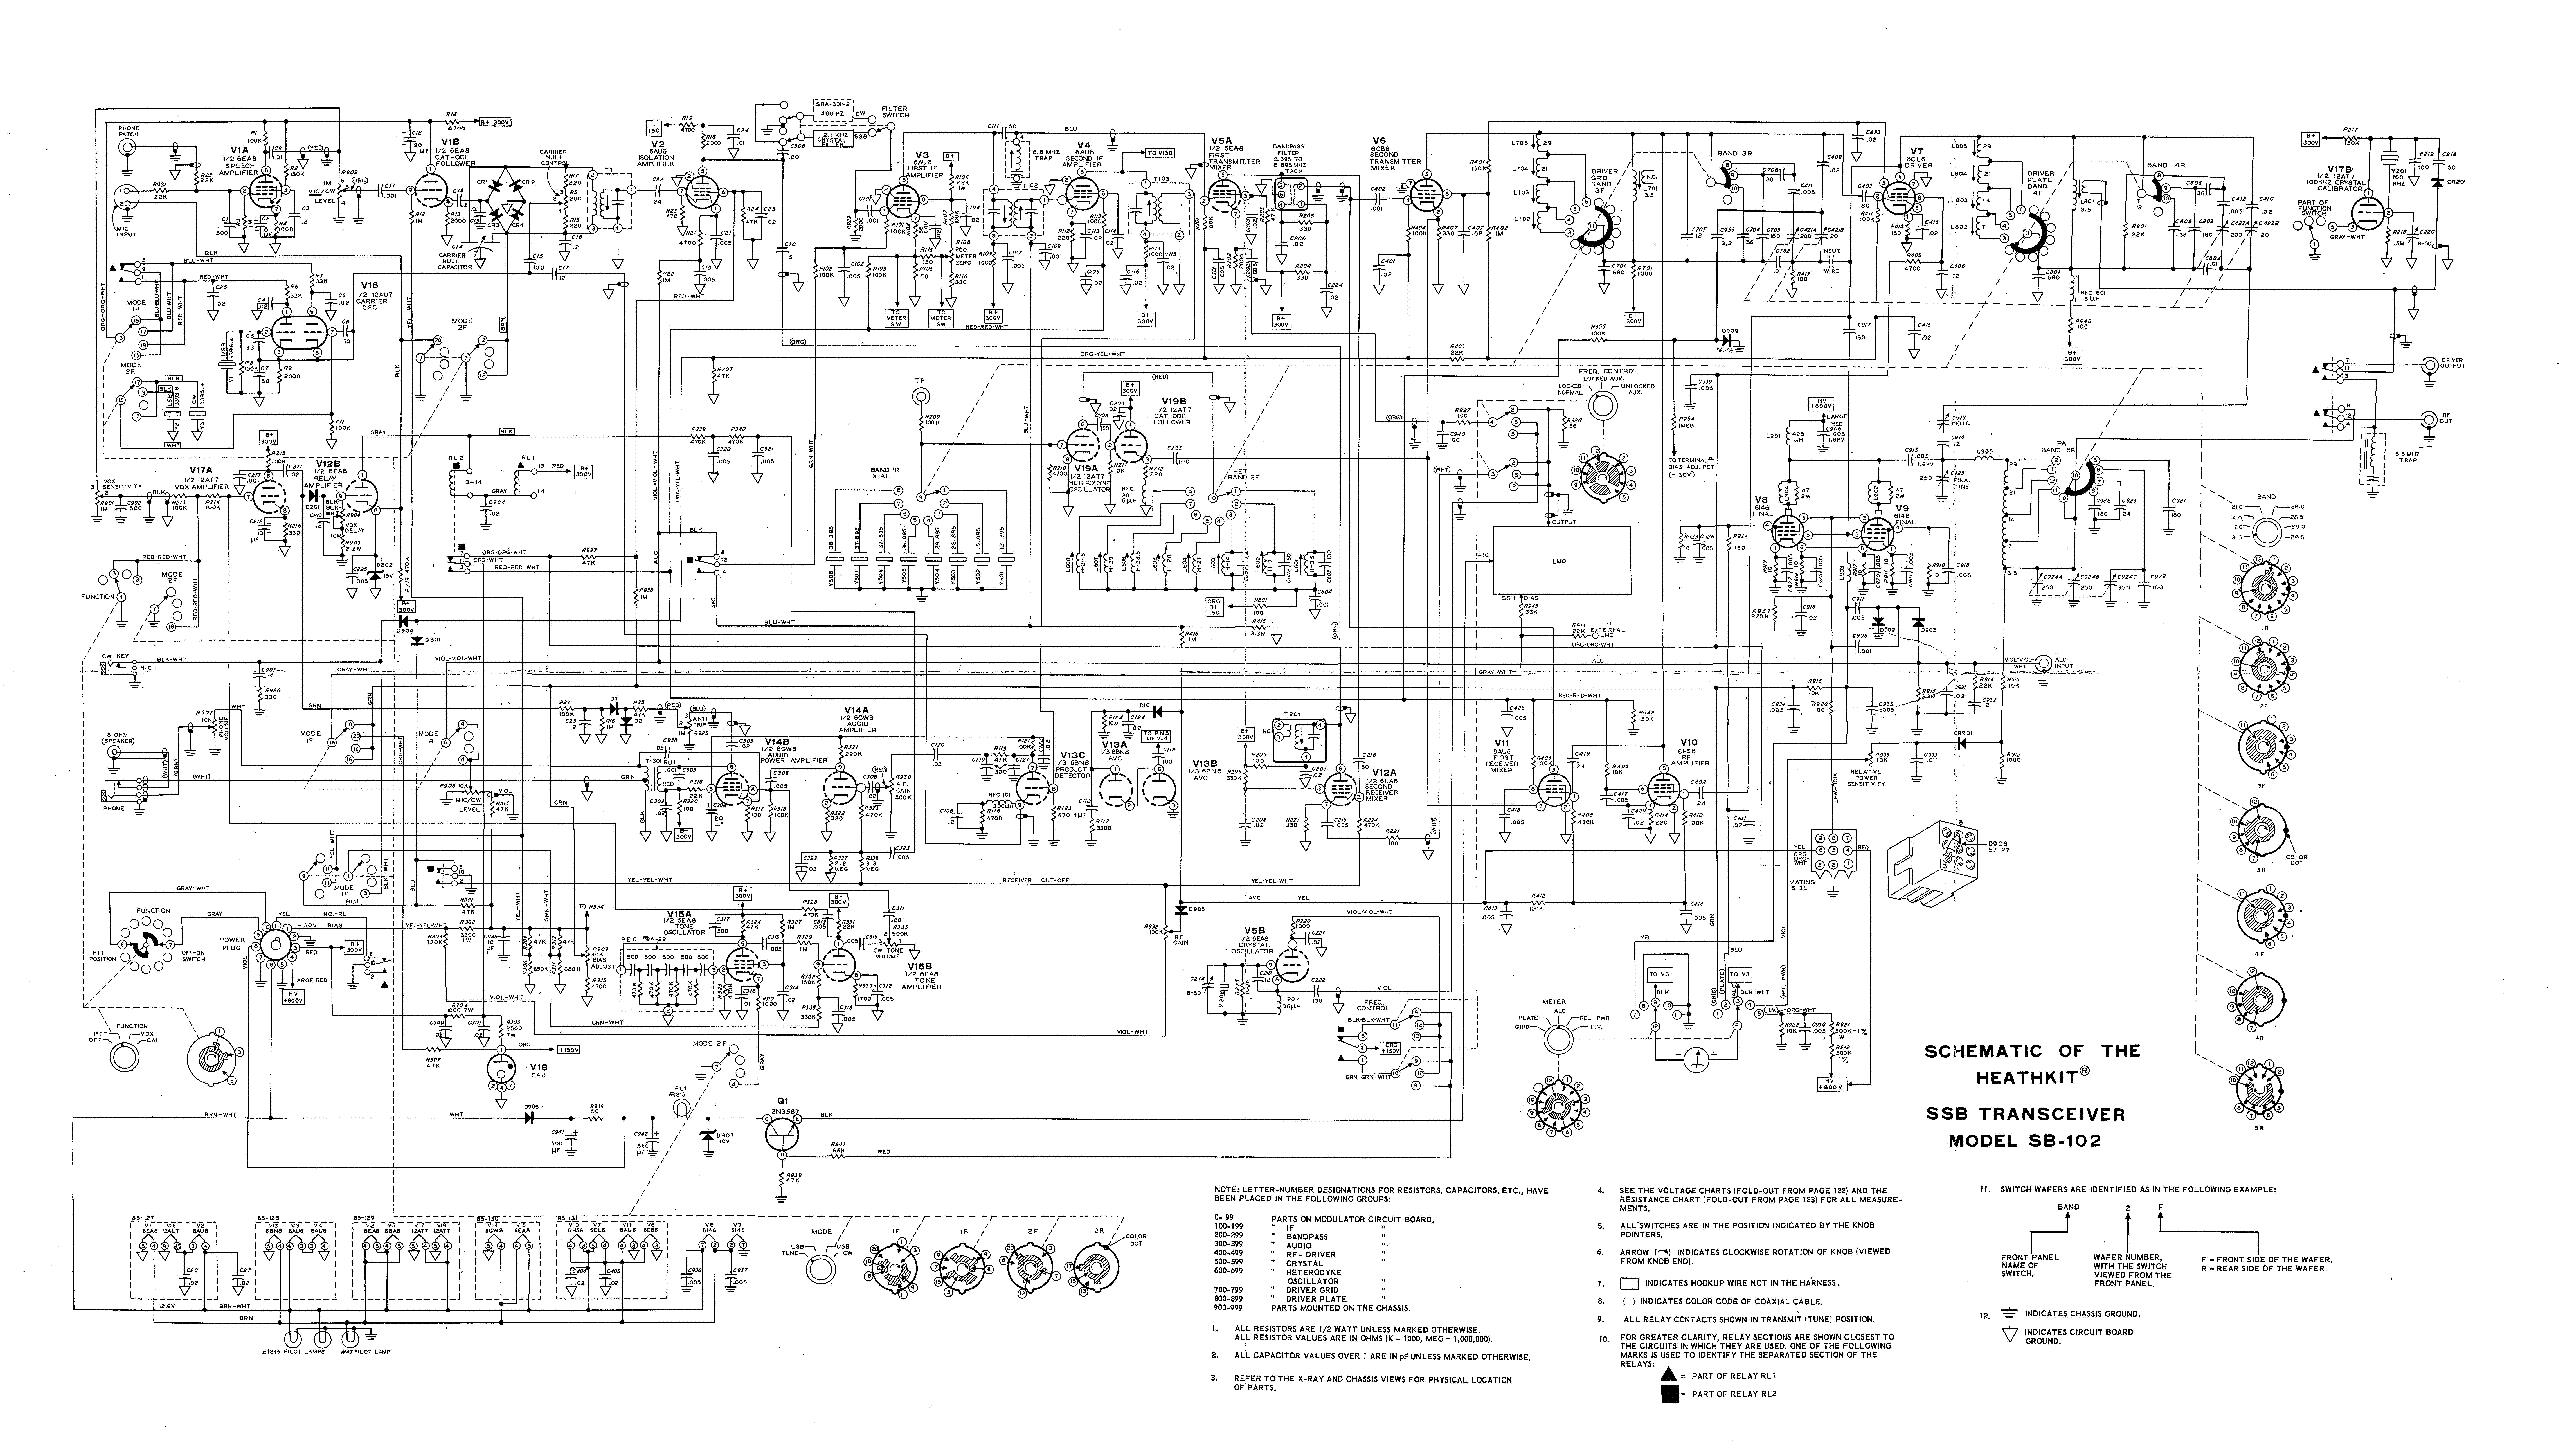 heathkit vf 1 schematic marshall schematics   elsavadorla heathkit sb-200 manual pdf heathkit sb-200 manual download